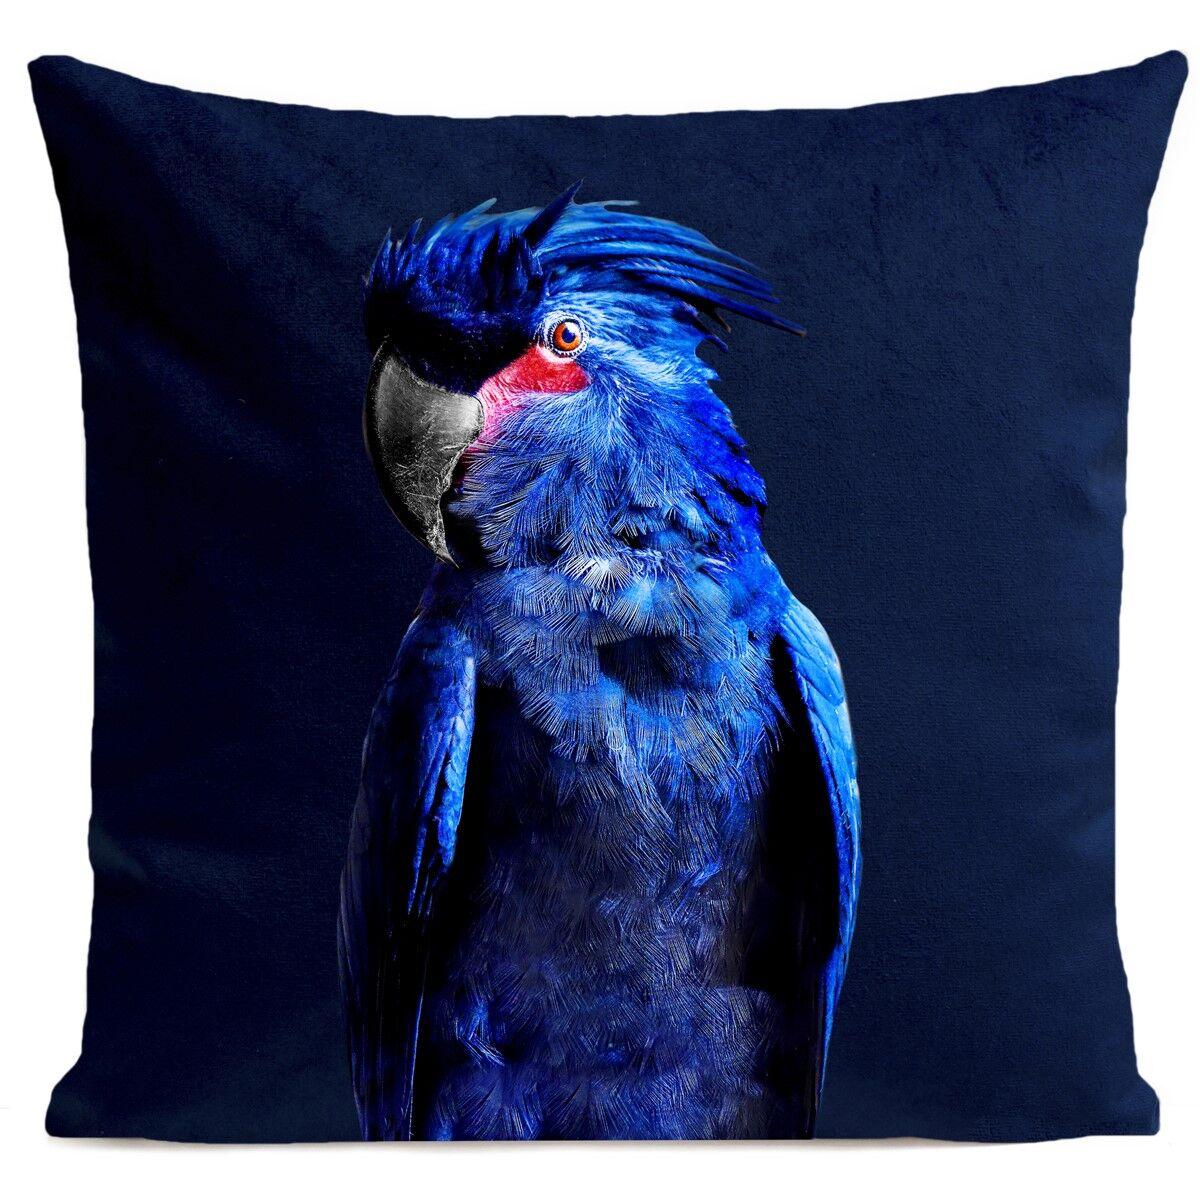 Artpilo Coussin velours carré imprimé animaux bleu foncé 40x40